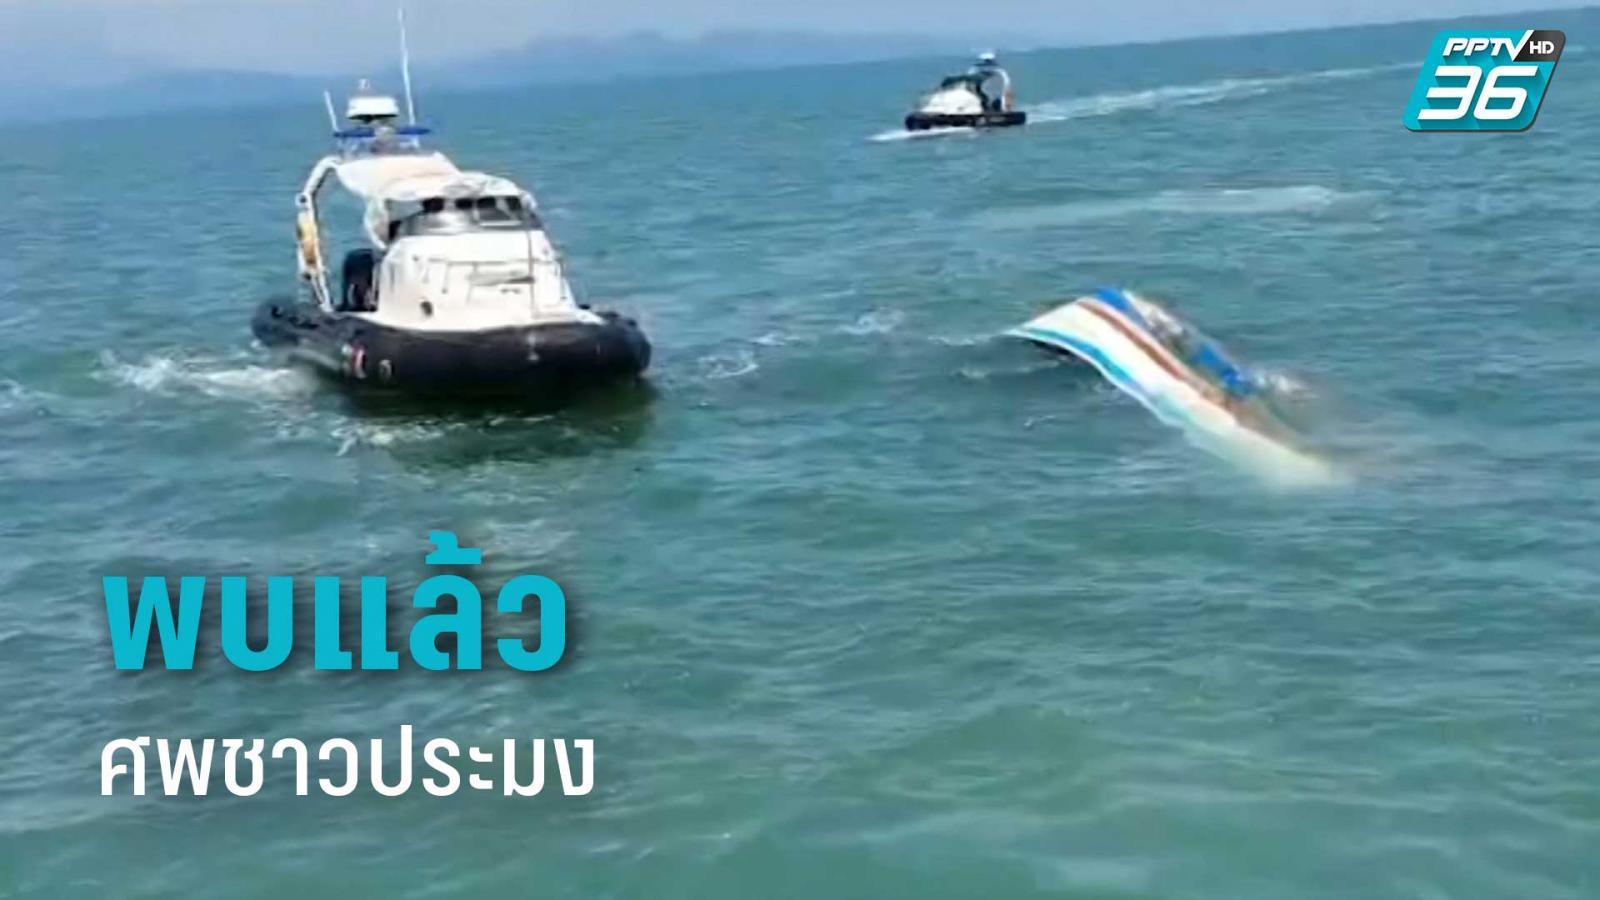 พบแล้วศพชาวประมงถูกเรือมาเลย์ชนล่ม ชี้ ทำเกินกว่าเหตุ